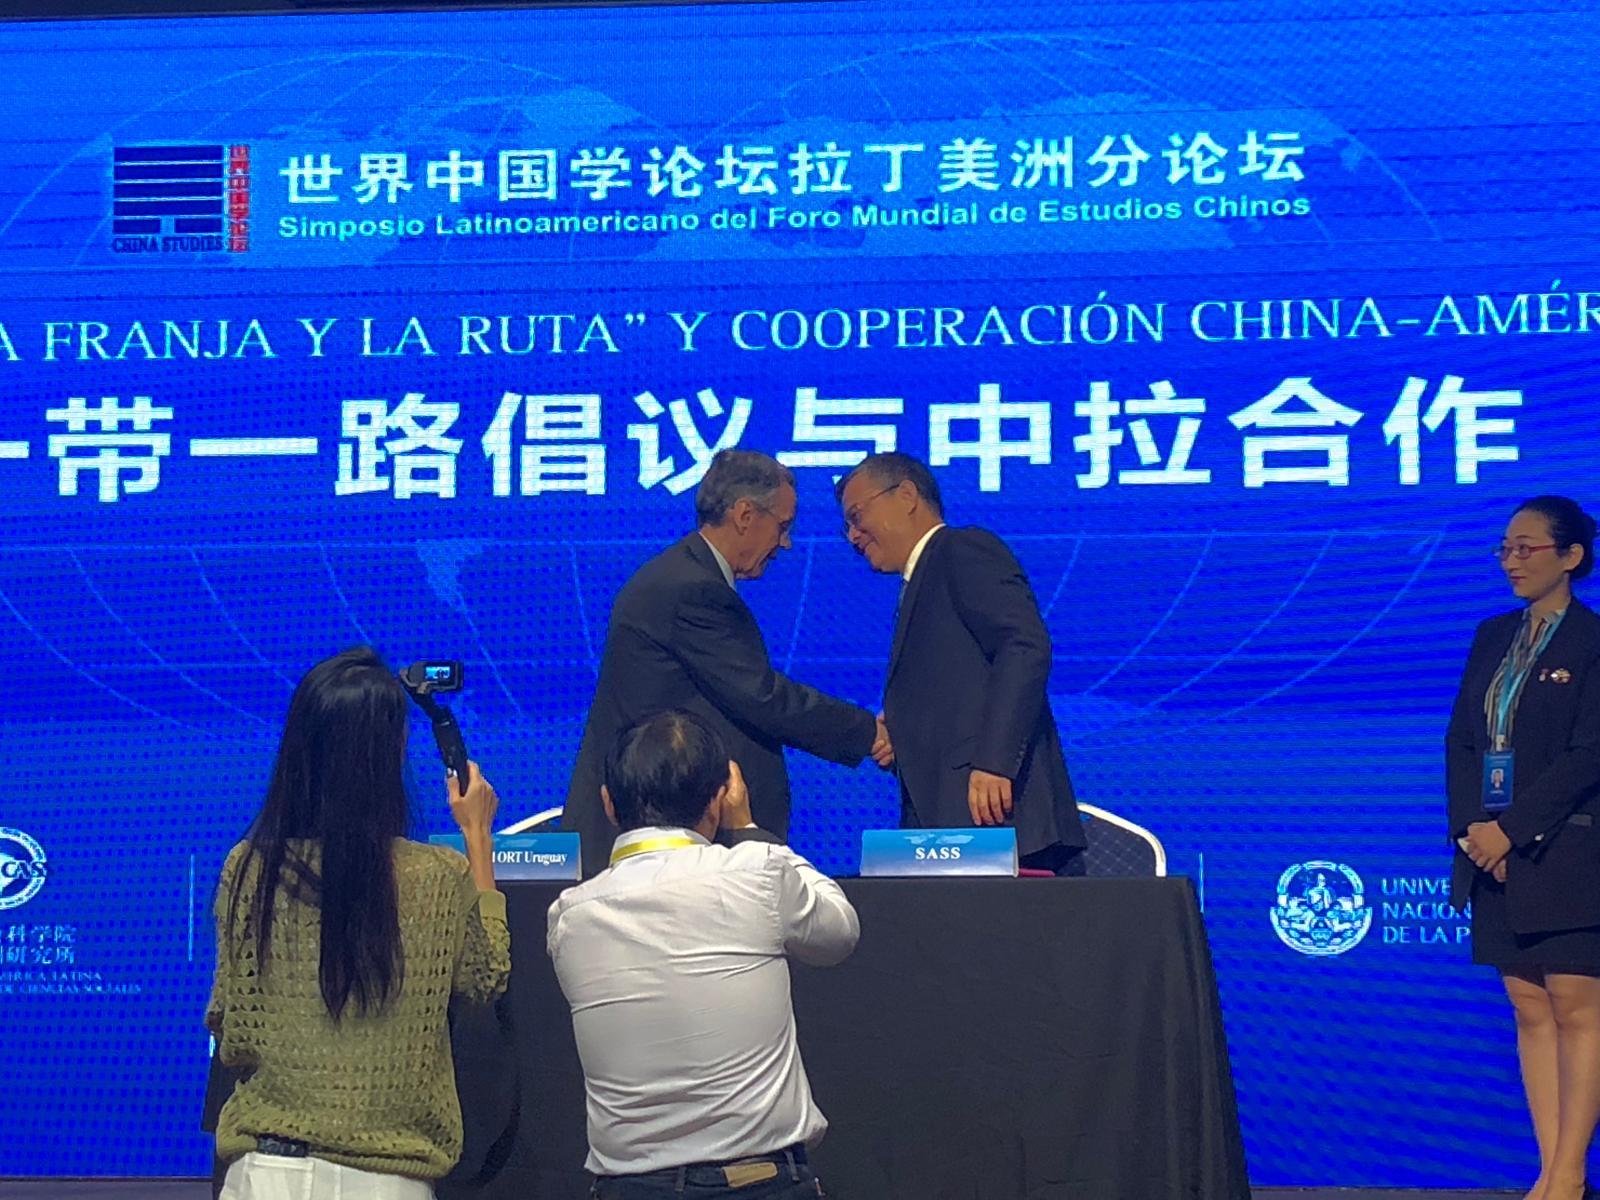 Convenio Universidad ORT Uruguay - Academia de Ciencias Sociales de Shanghái